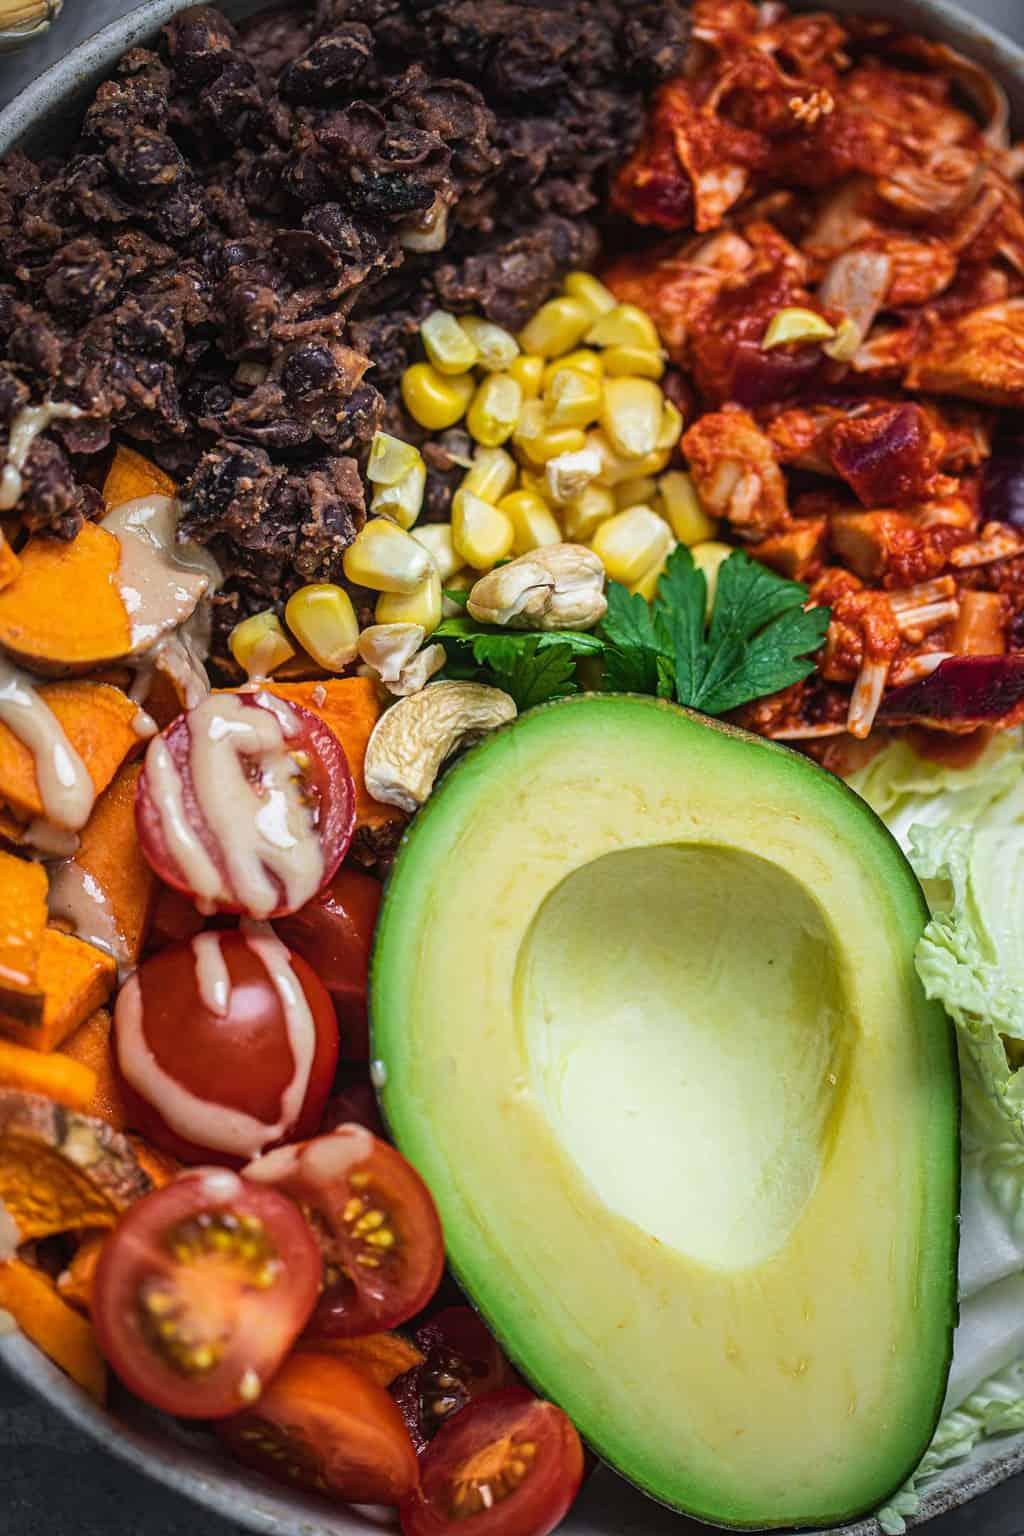 Closeup of a vegan bowl with black beans, jackfruit, sweet potato and avocado